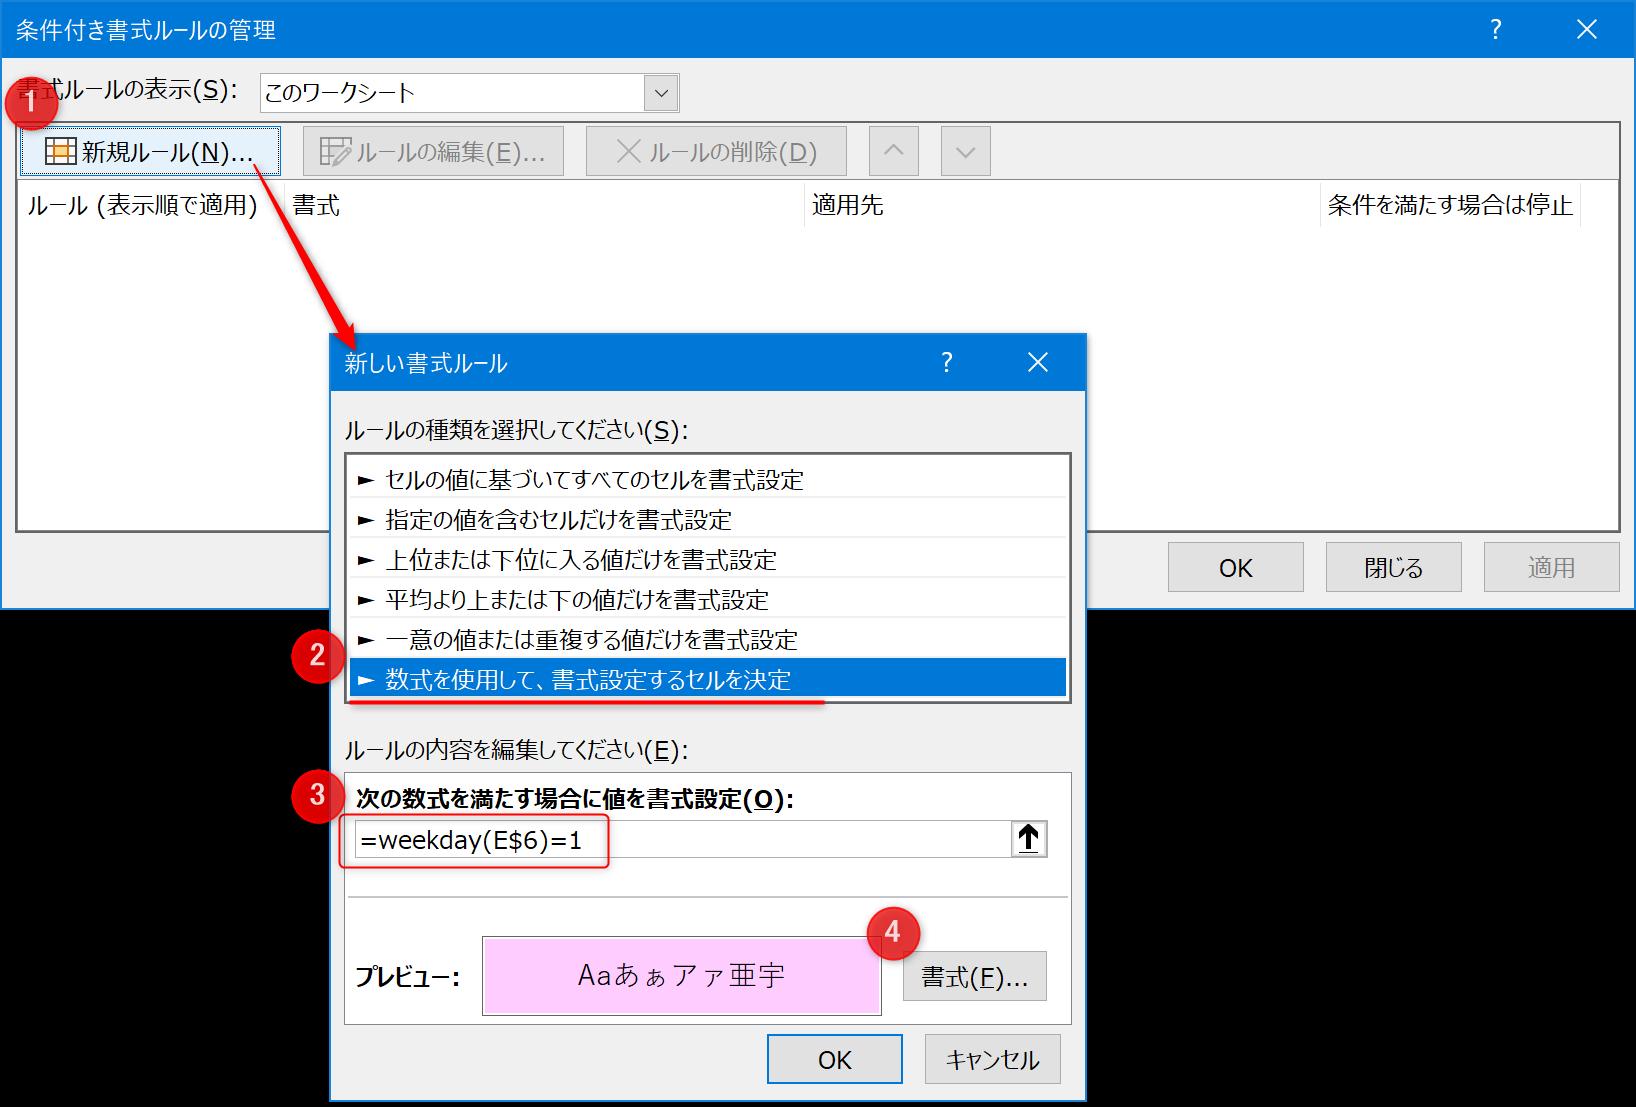 Excelシフト表動画解説記事14